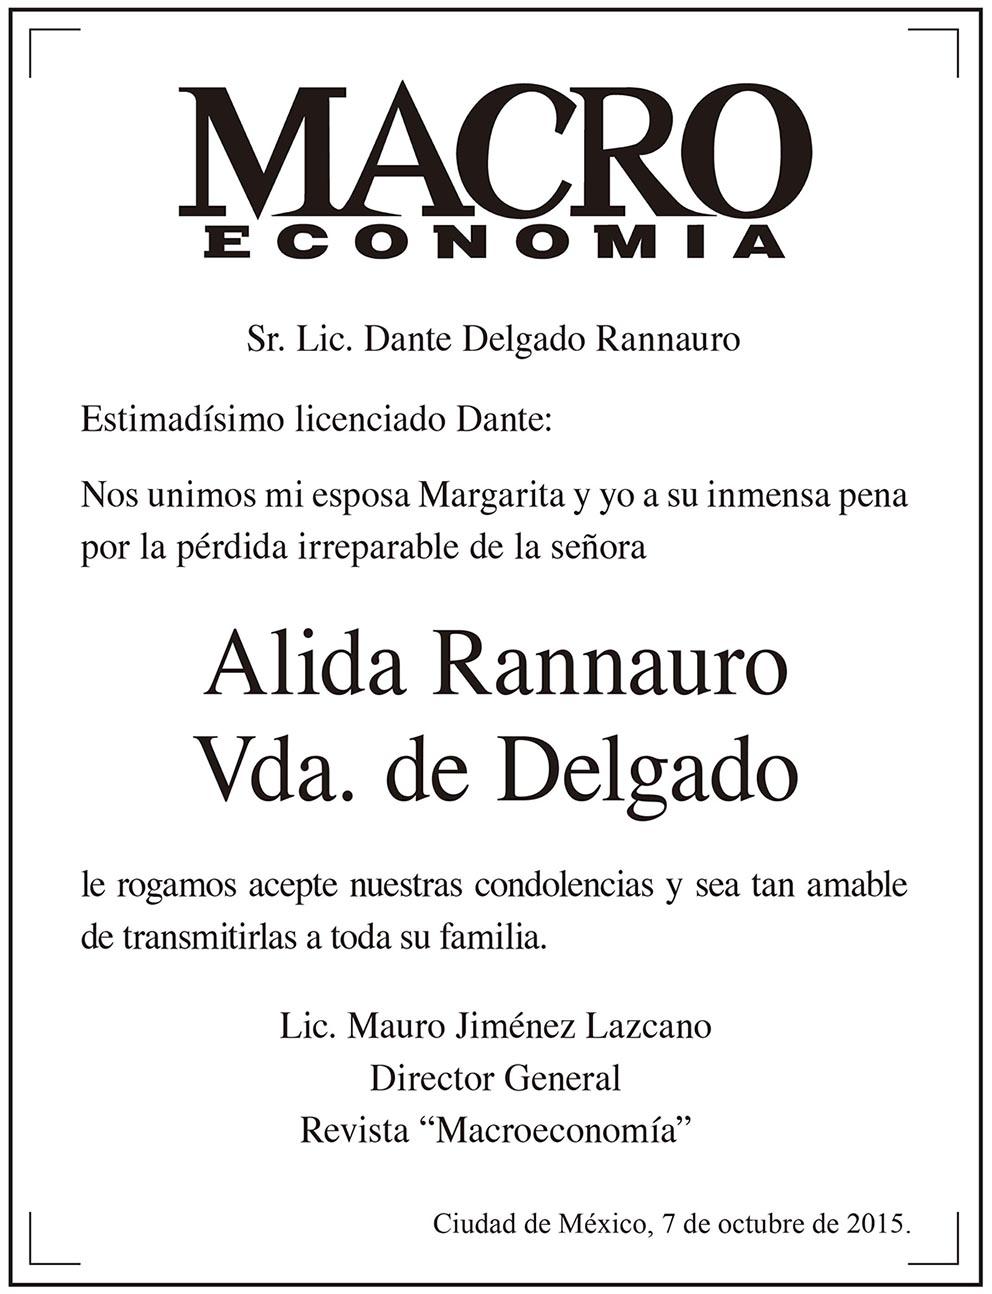 Photo of Macroeconomía se une a la pena del Licenciado Dante Delgado Rannauro